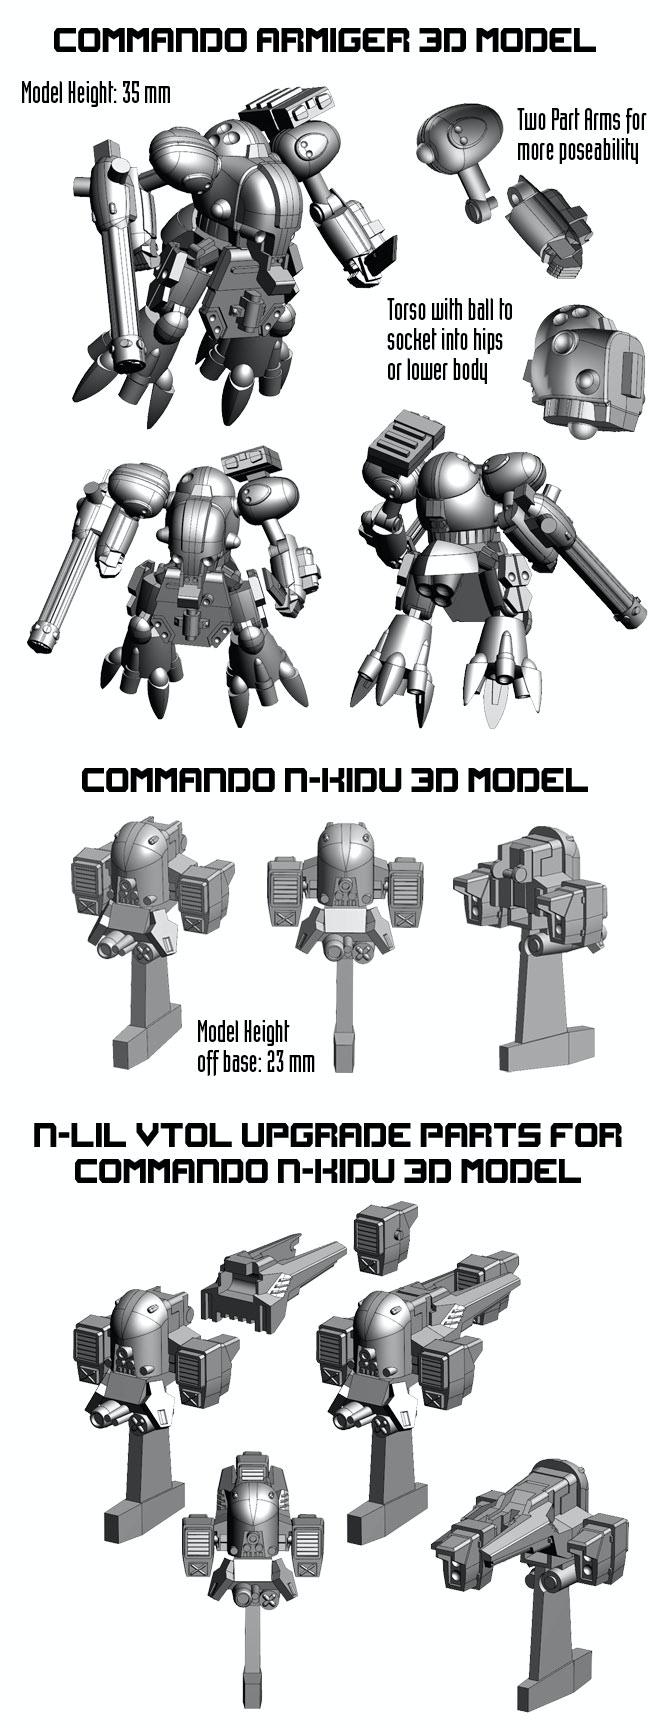 Commando Armiger and N-KIDU 3d Model Larger Images.